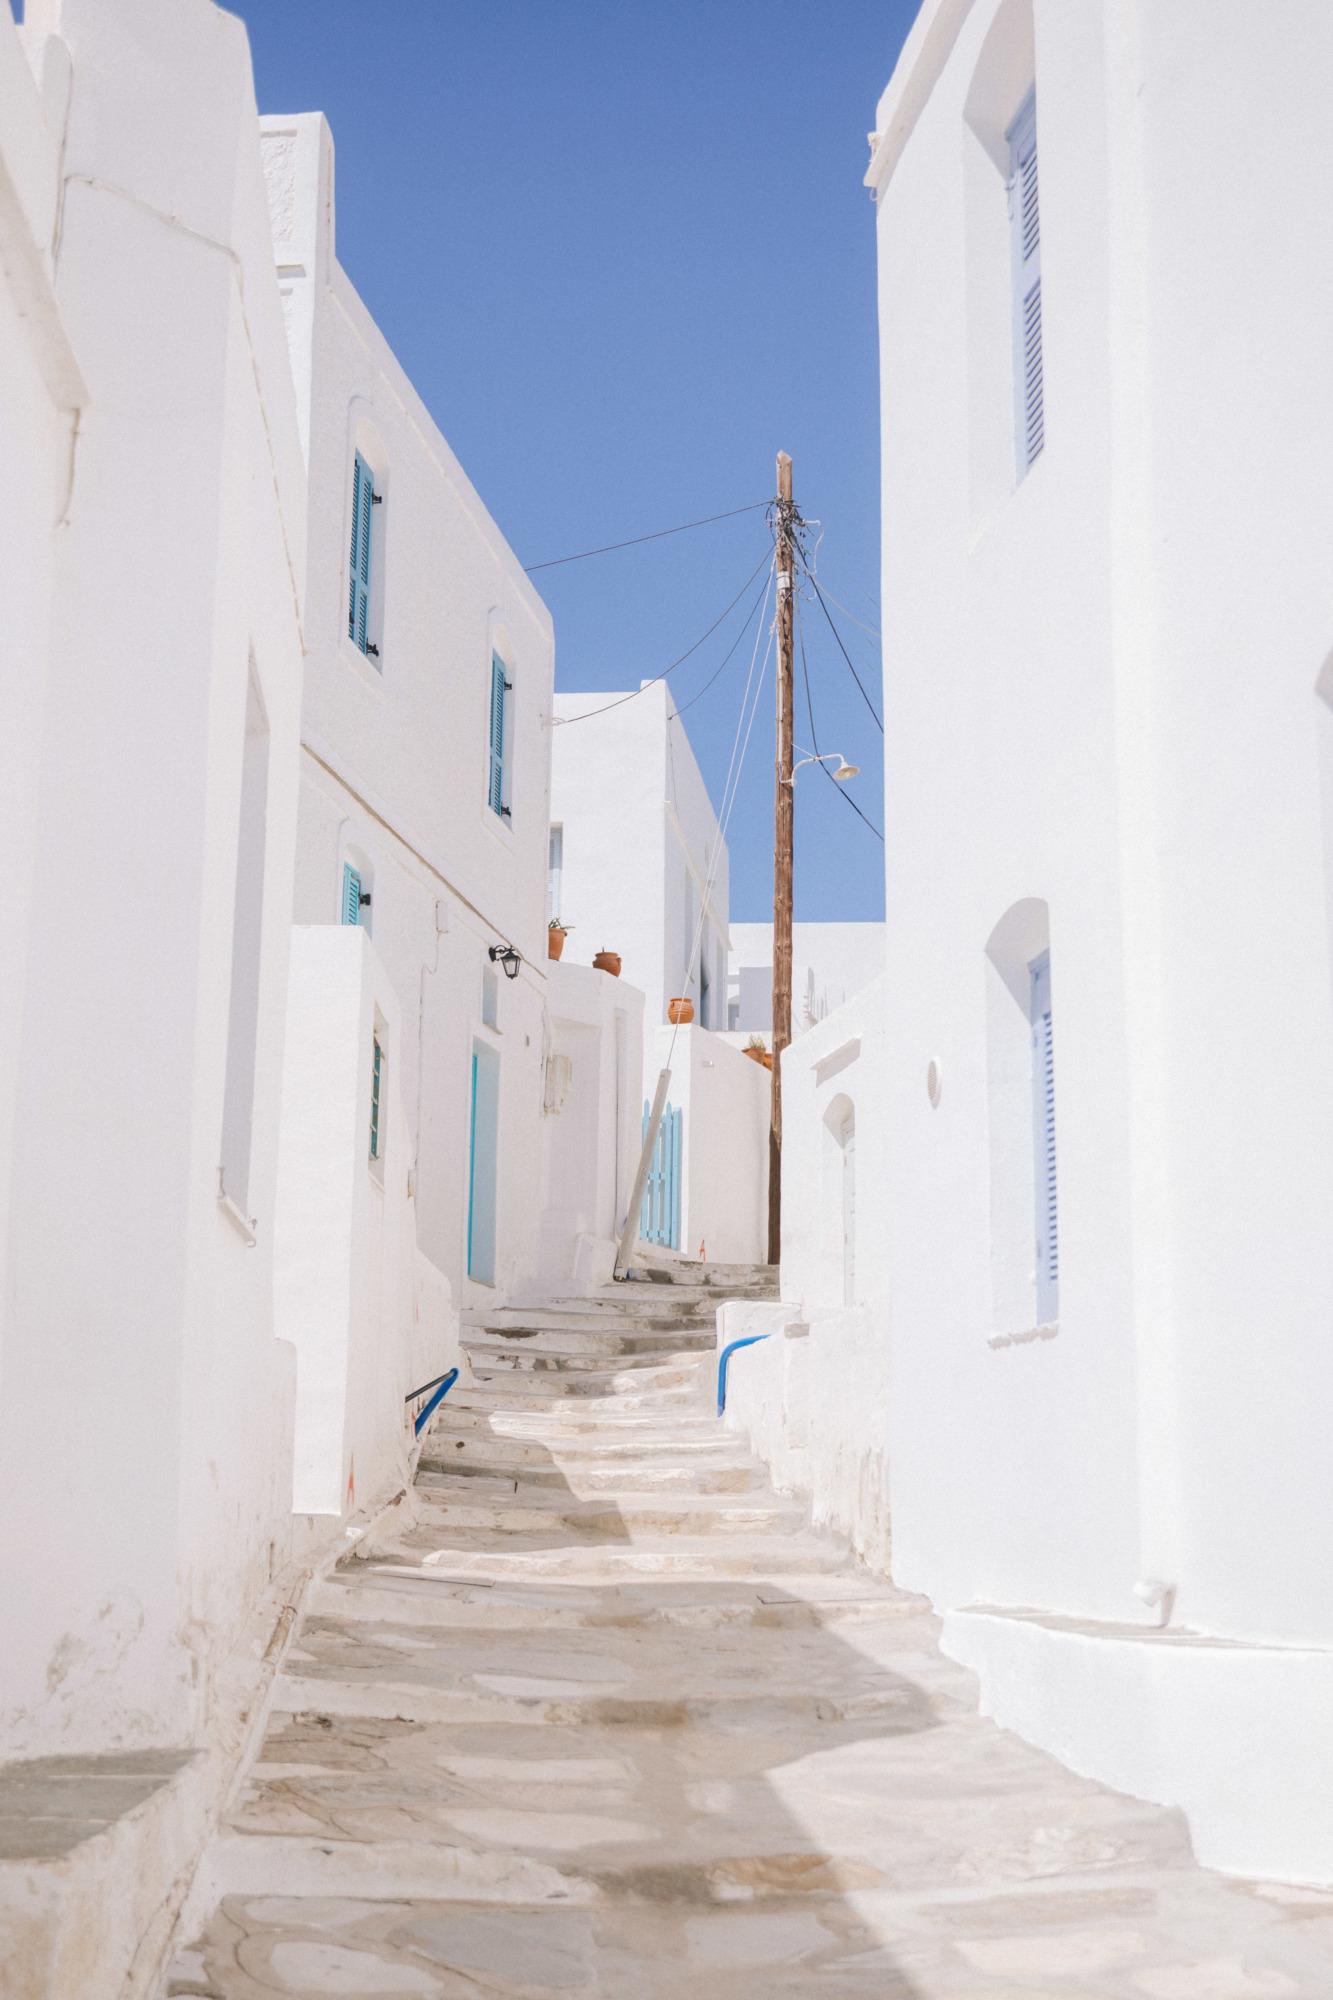 Sifnos blog voyage - Blondie Baby blog voyages